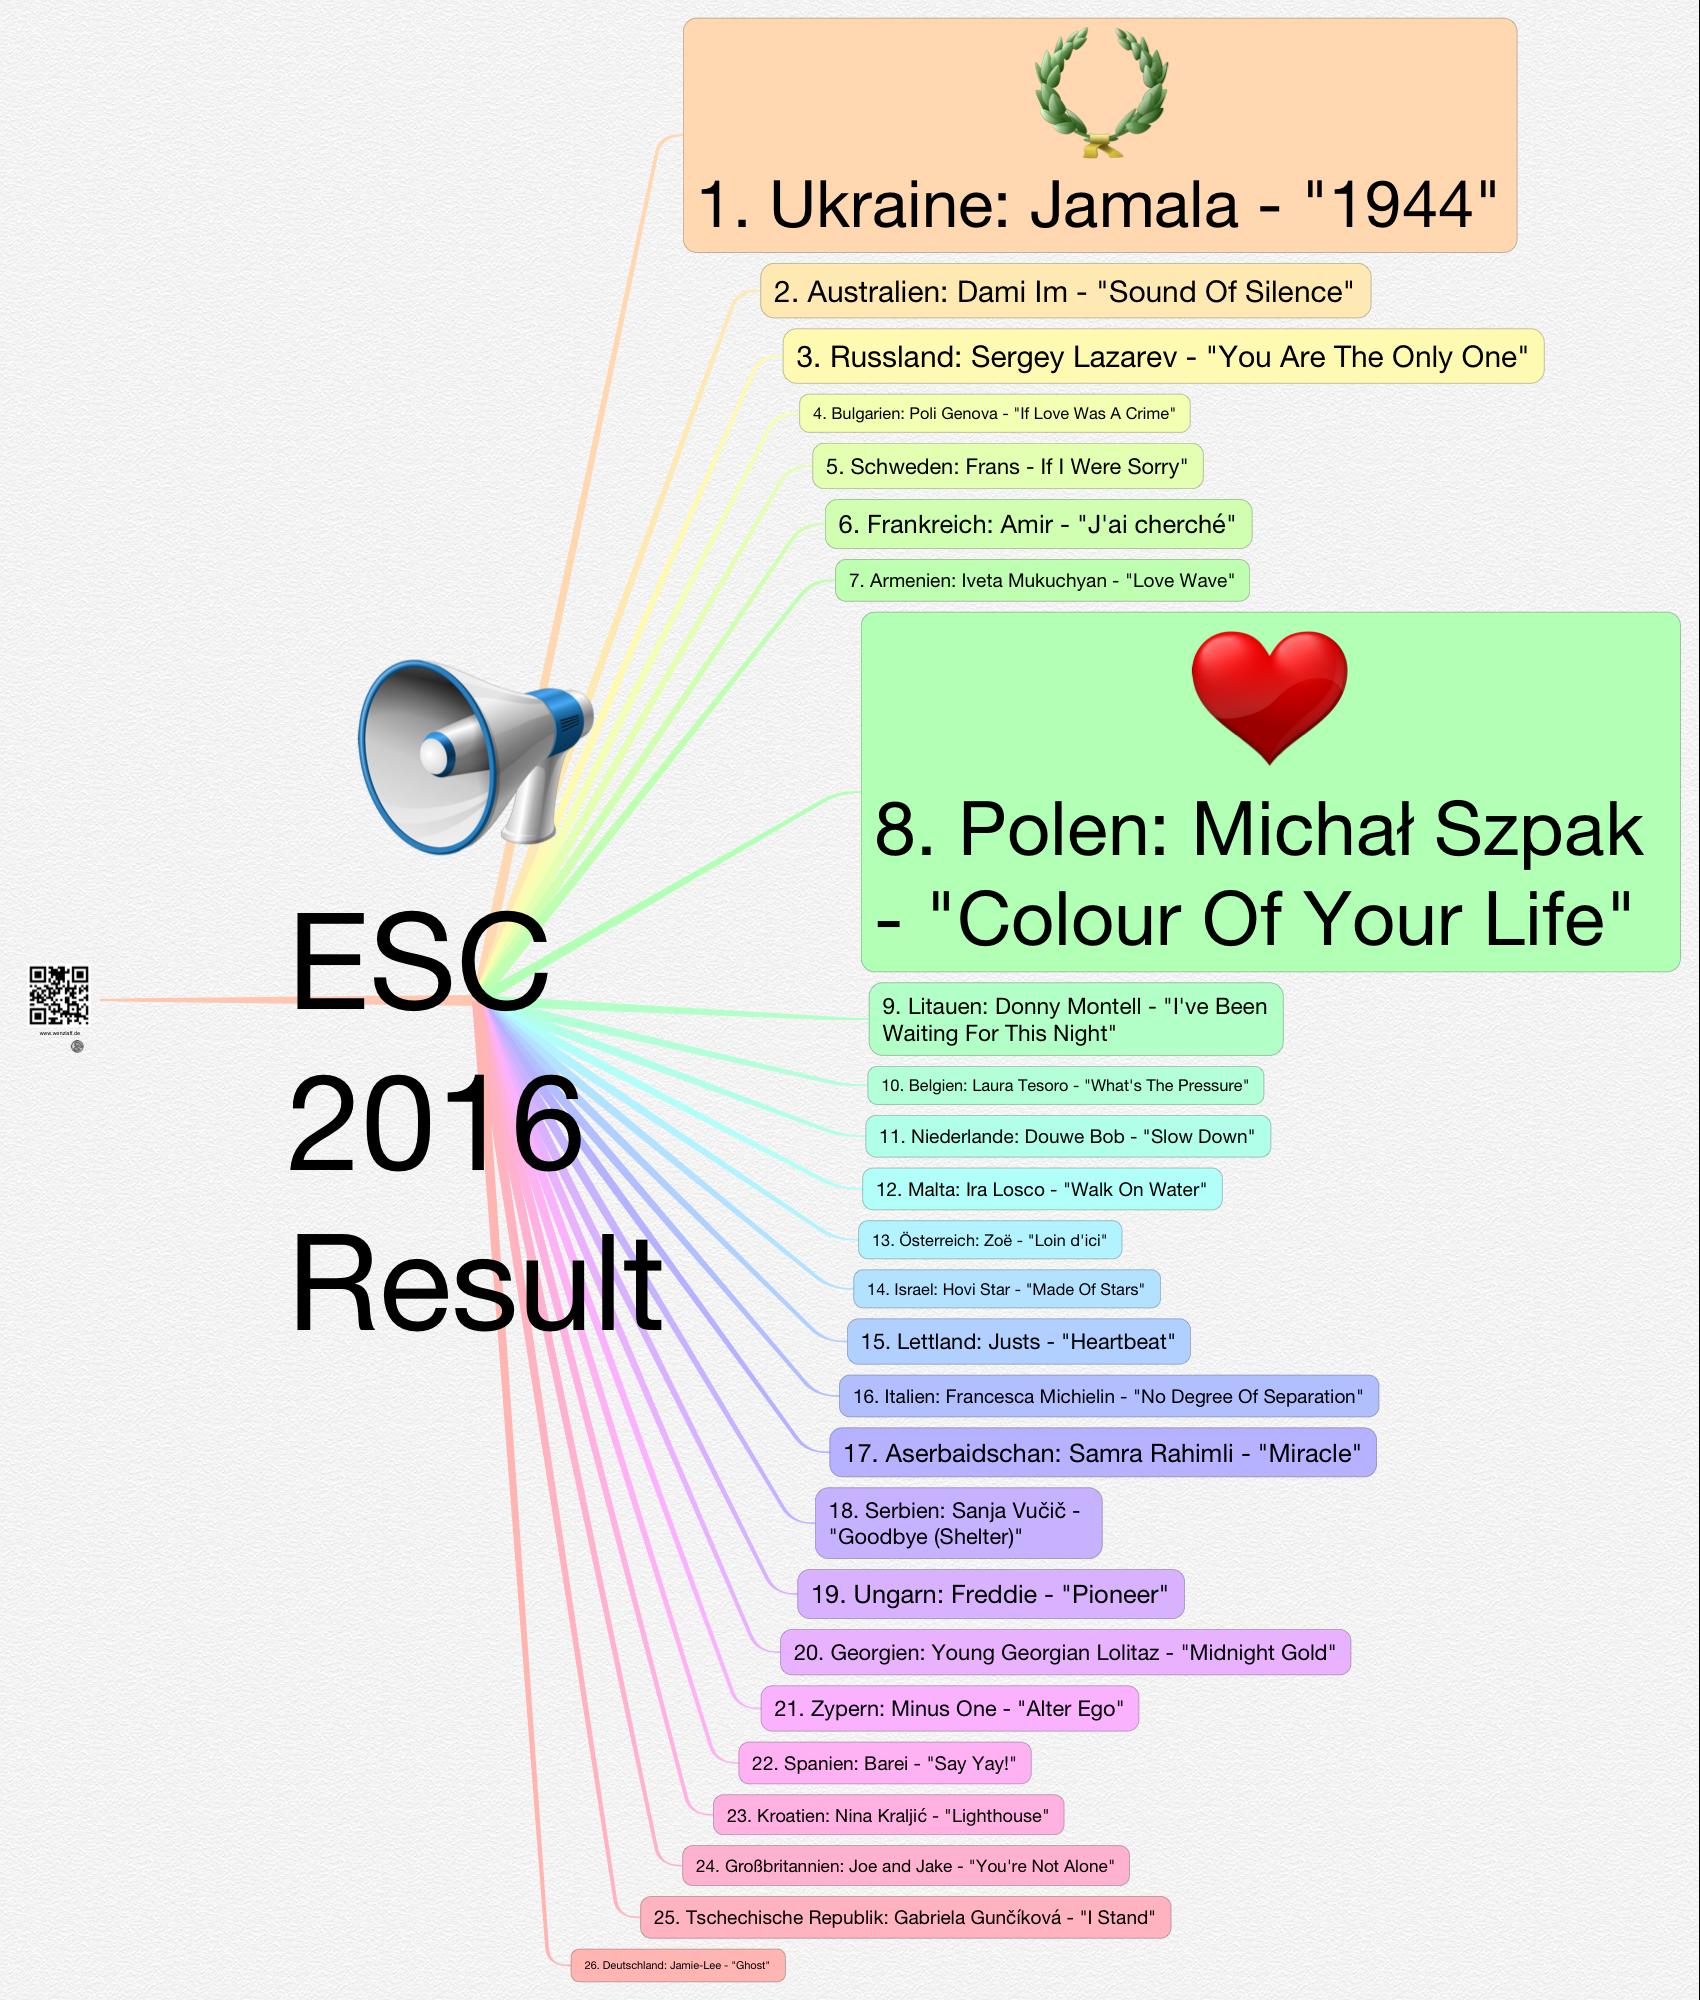 esc-result